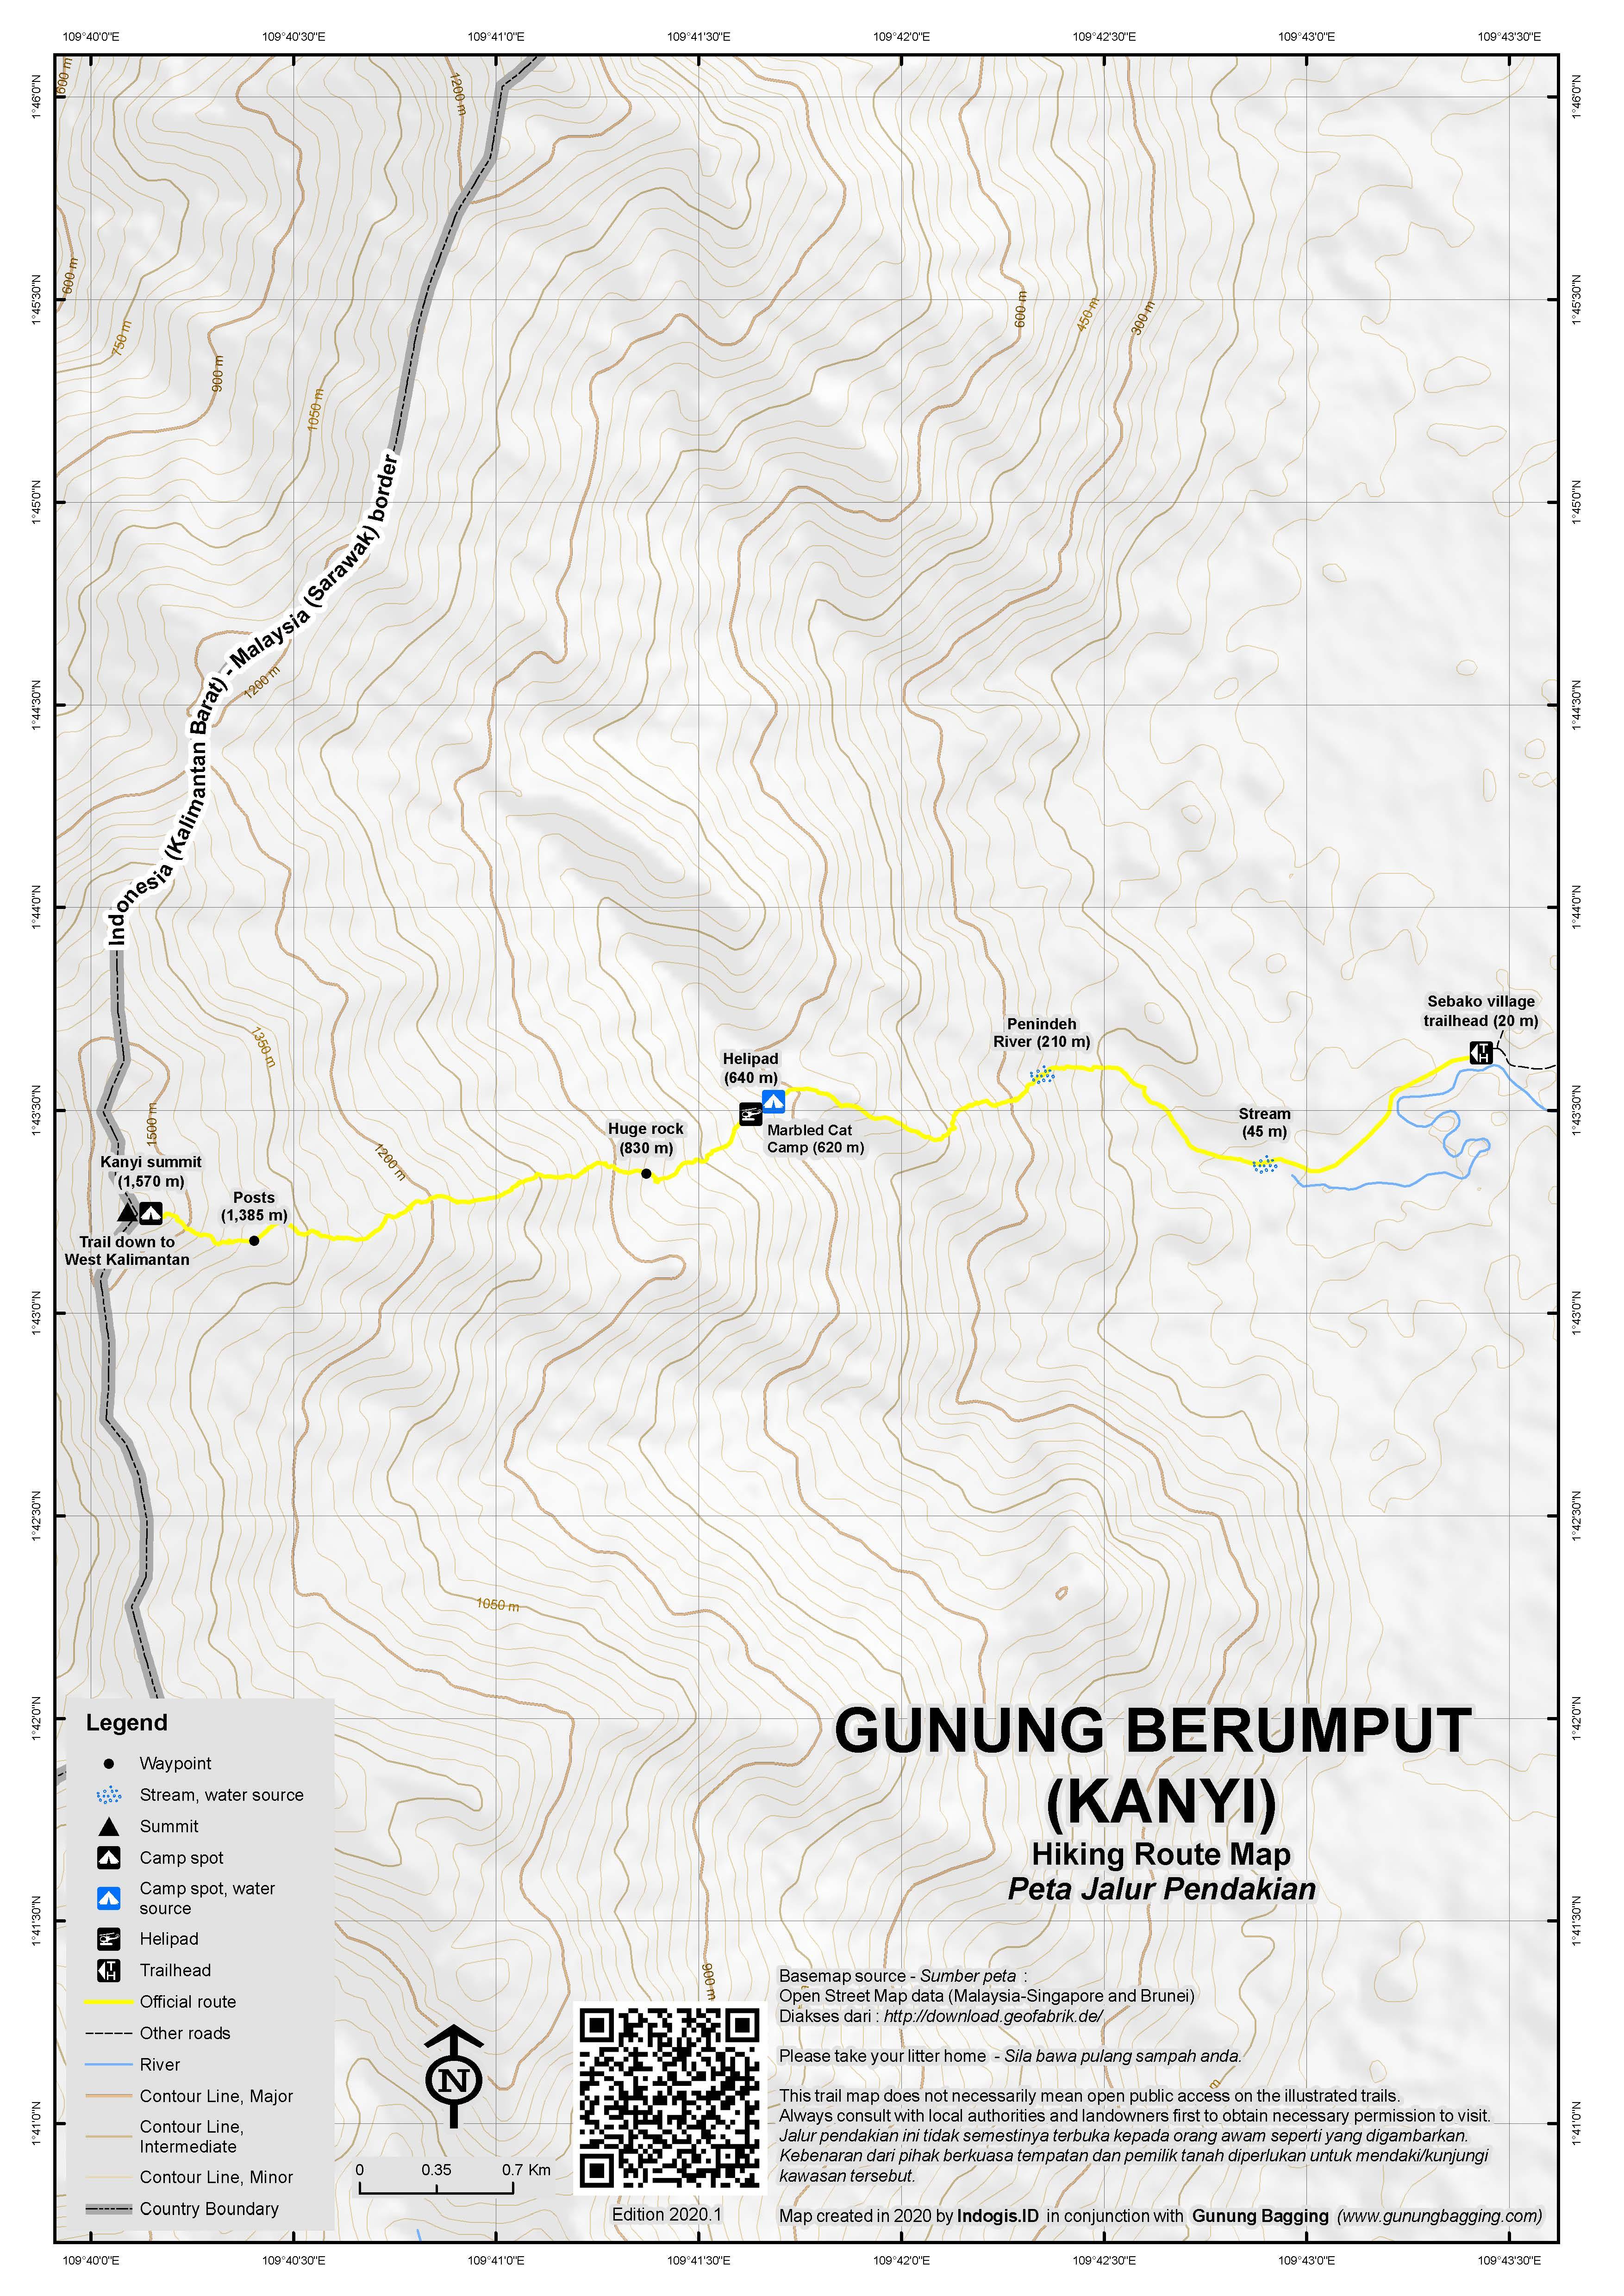 Peta Jalur Pendakian Gunung Berumput